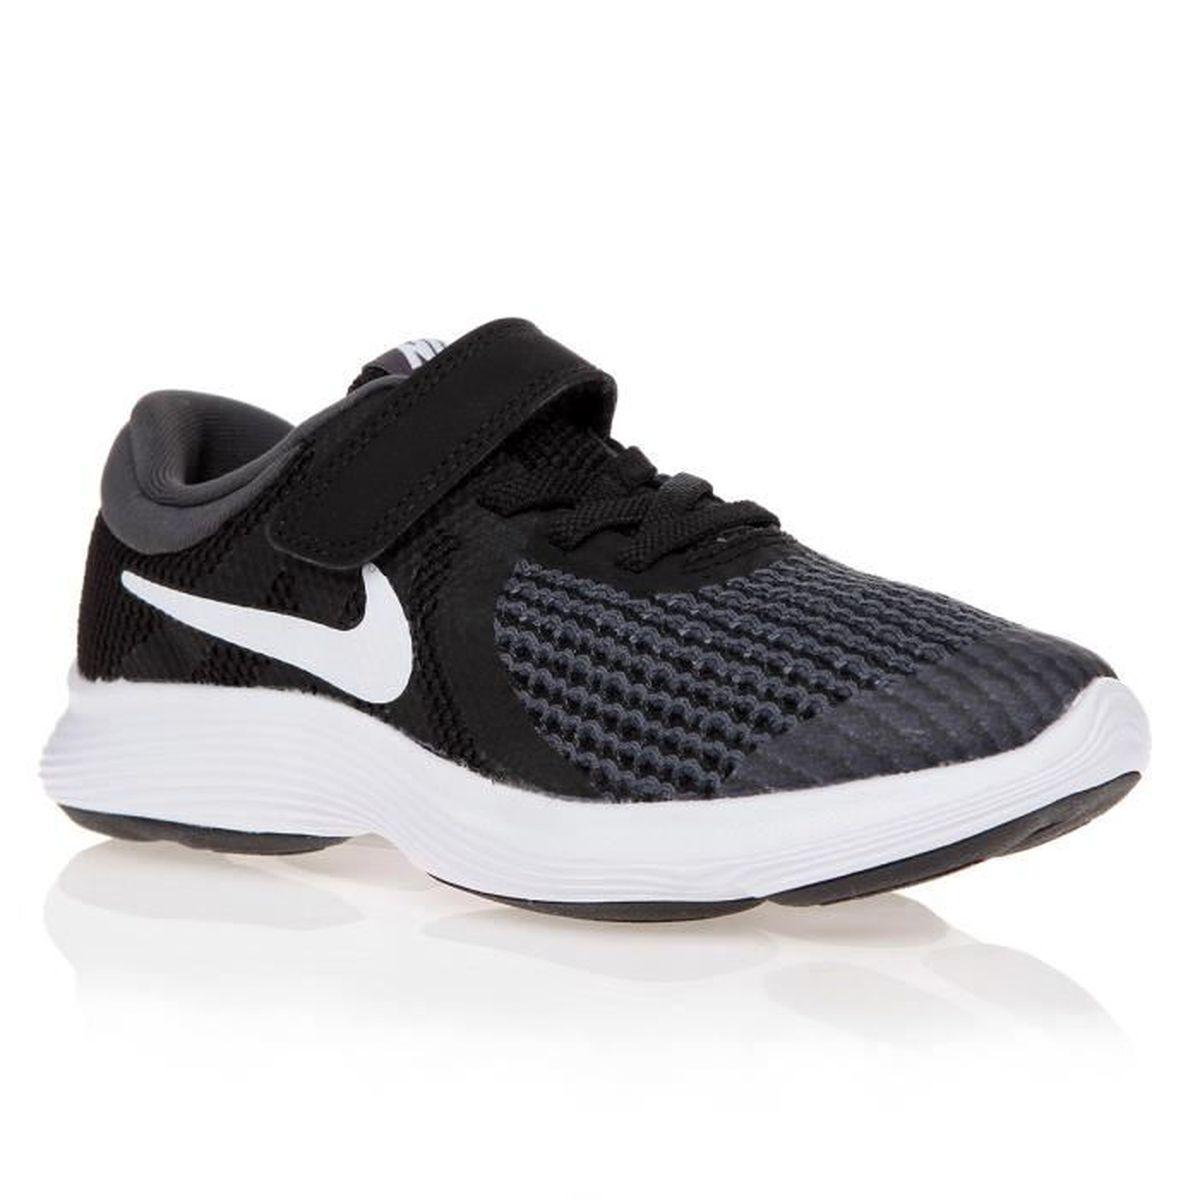 Enfant Baskets 943305006 Revolution Noir Nike 4 Garçon n0wmNv8